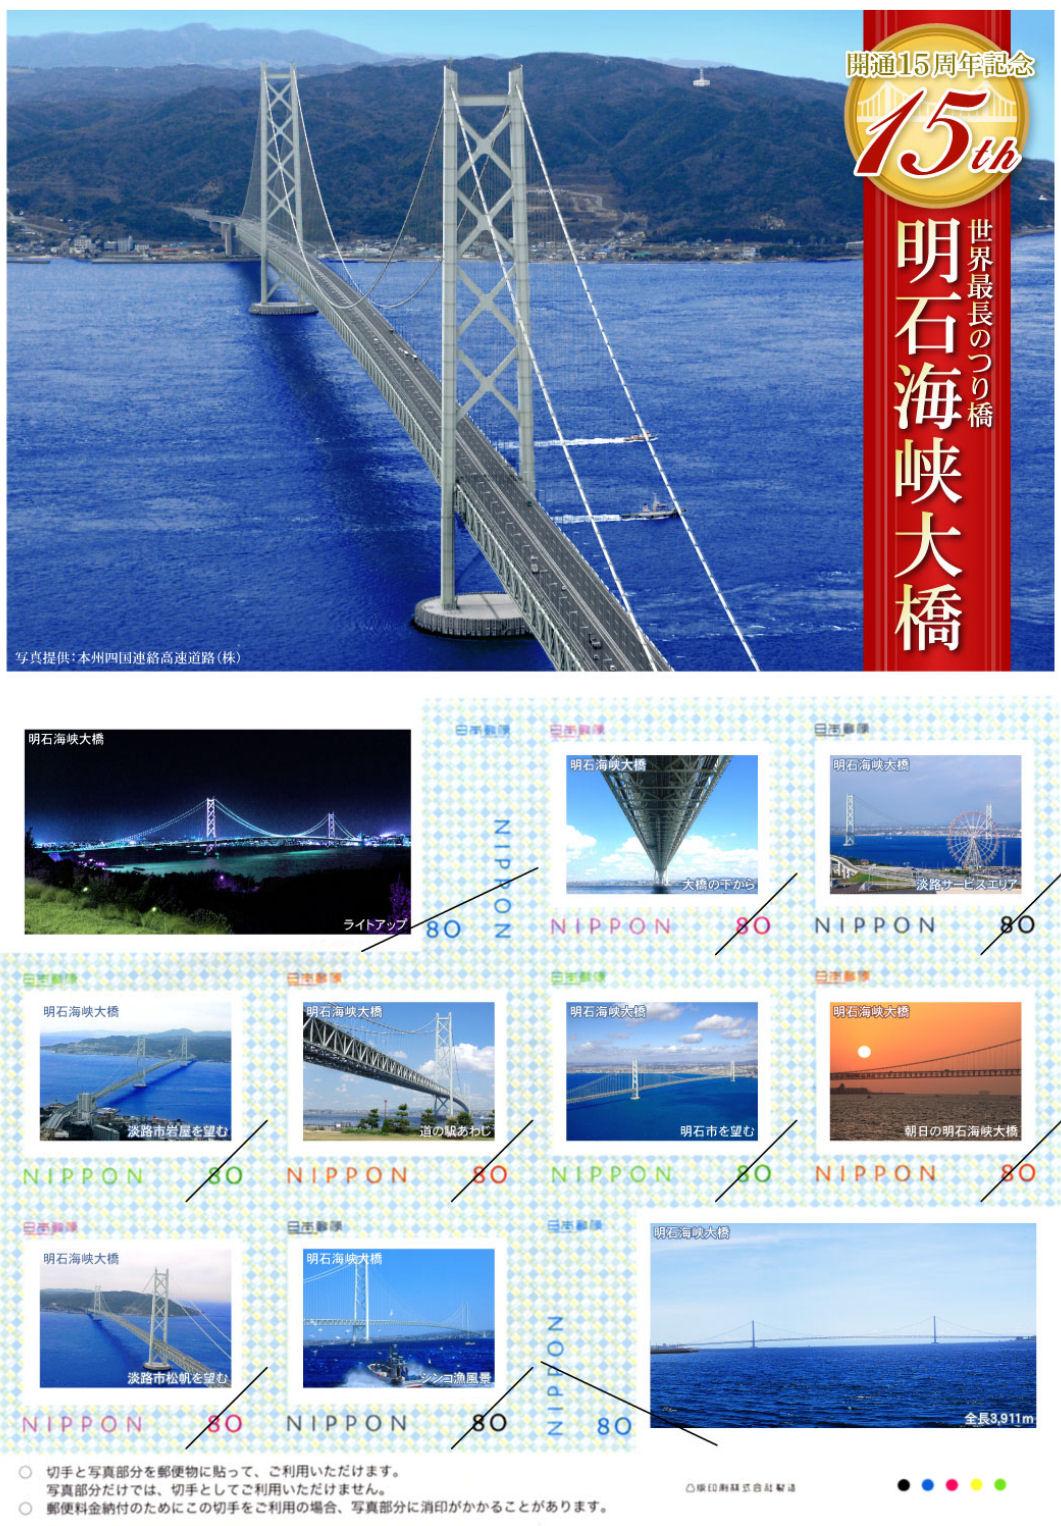 明石海峡大橋開通15周年記念オリジナルフレーム切手